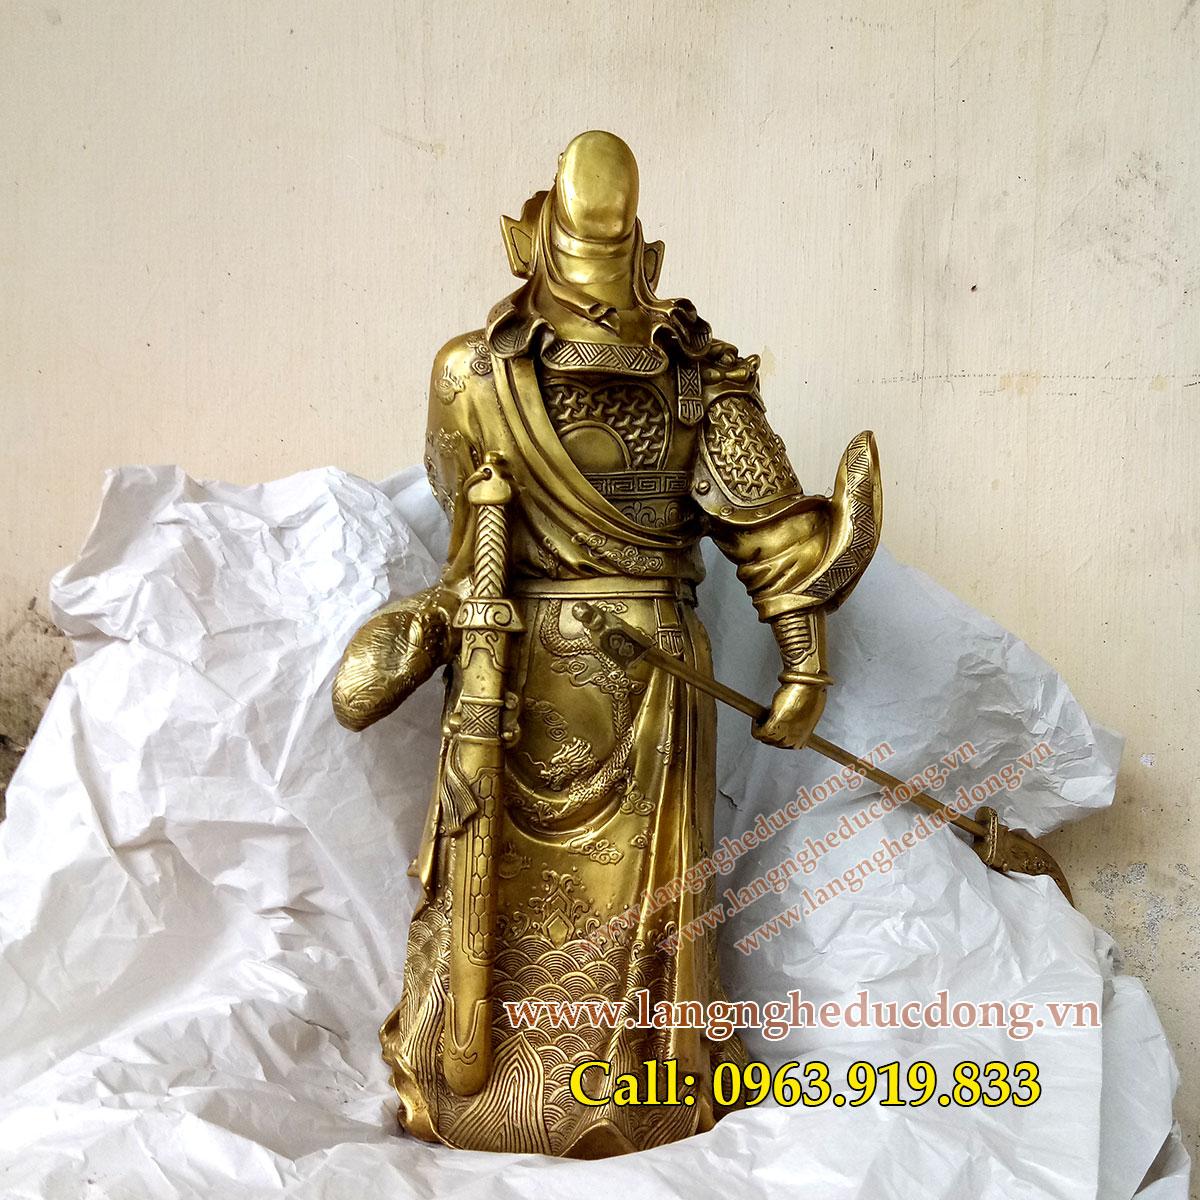 Tượng quan công 50cm, tượng quan công bằng đồng, giá bán tượng quan công, bán tượng quan công